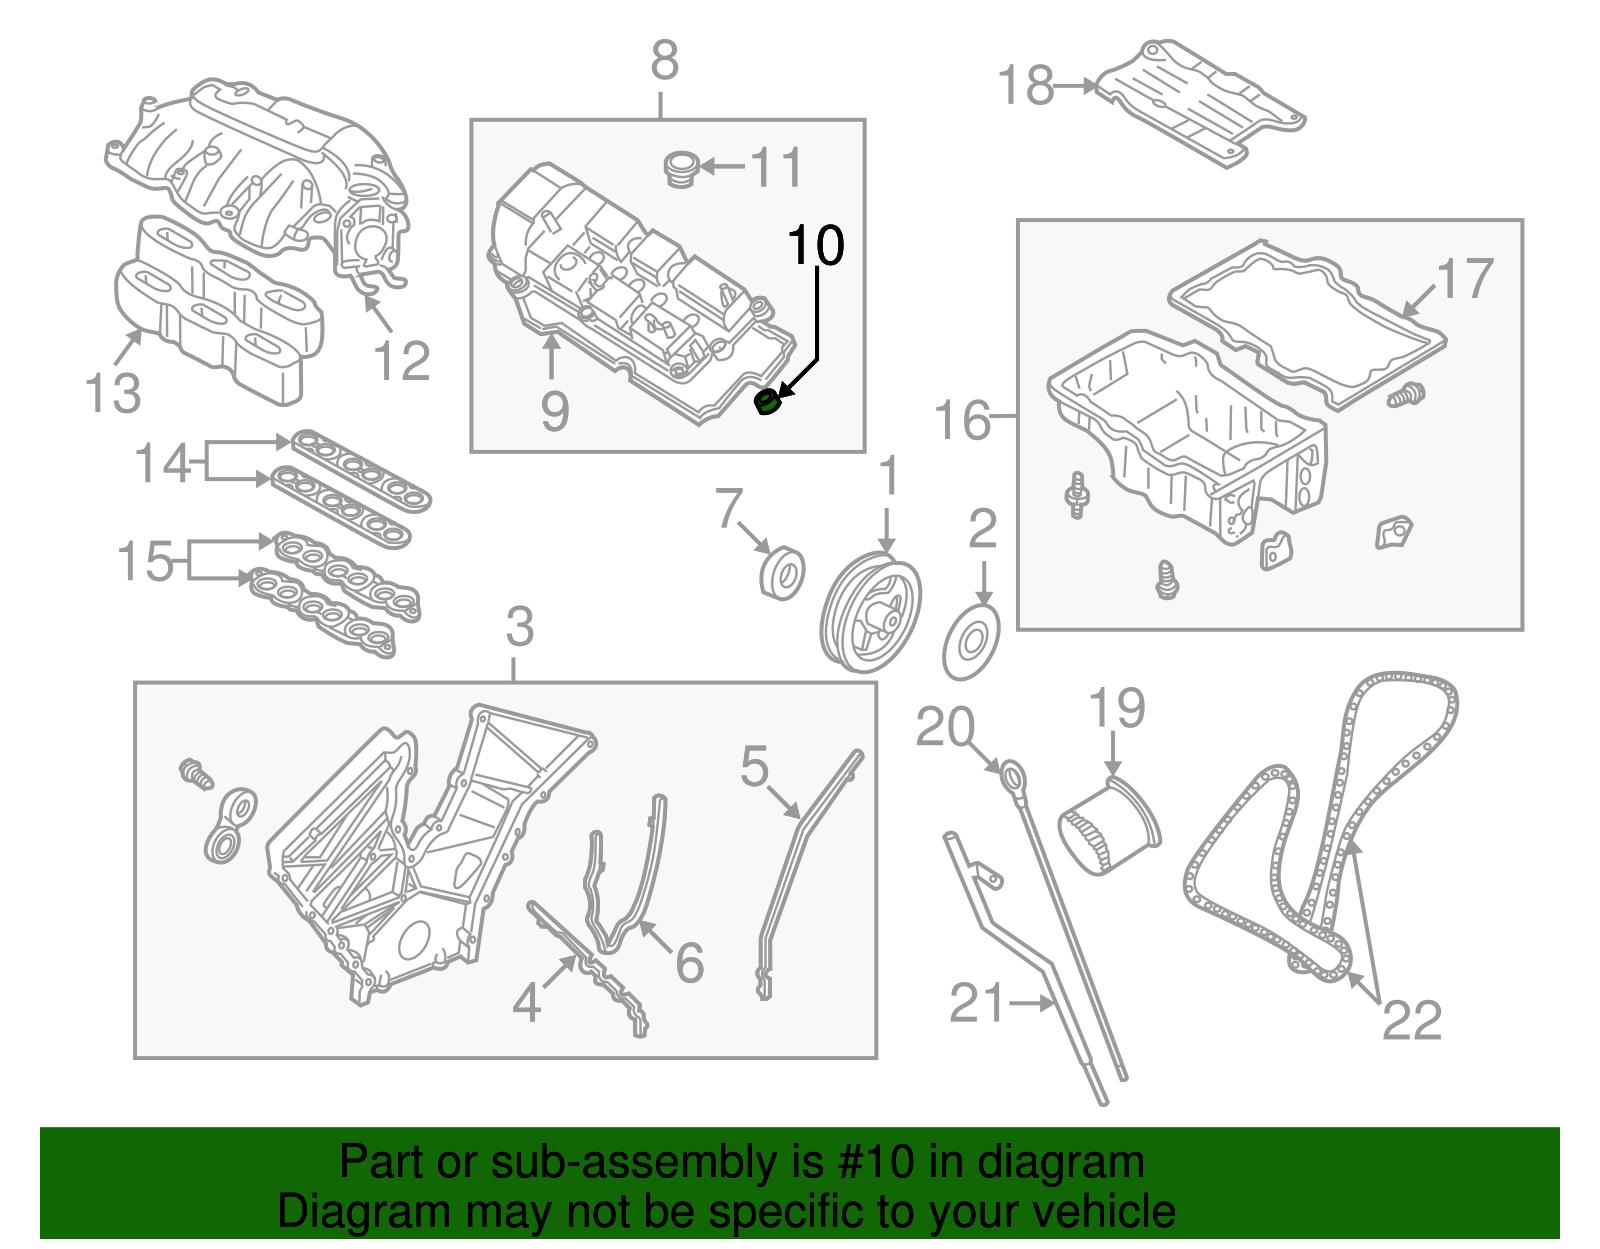 Mazda Mpv Parts Diagram Engine Oem Valve Cover Seal Aj Ebay Dodge Ram Truck